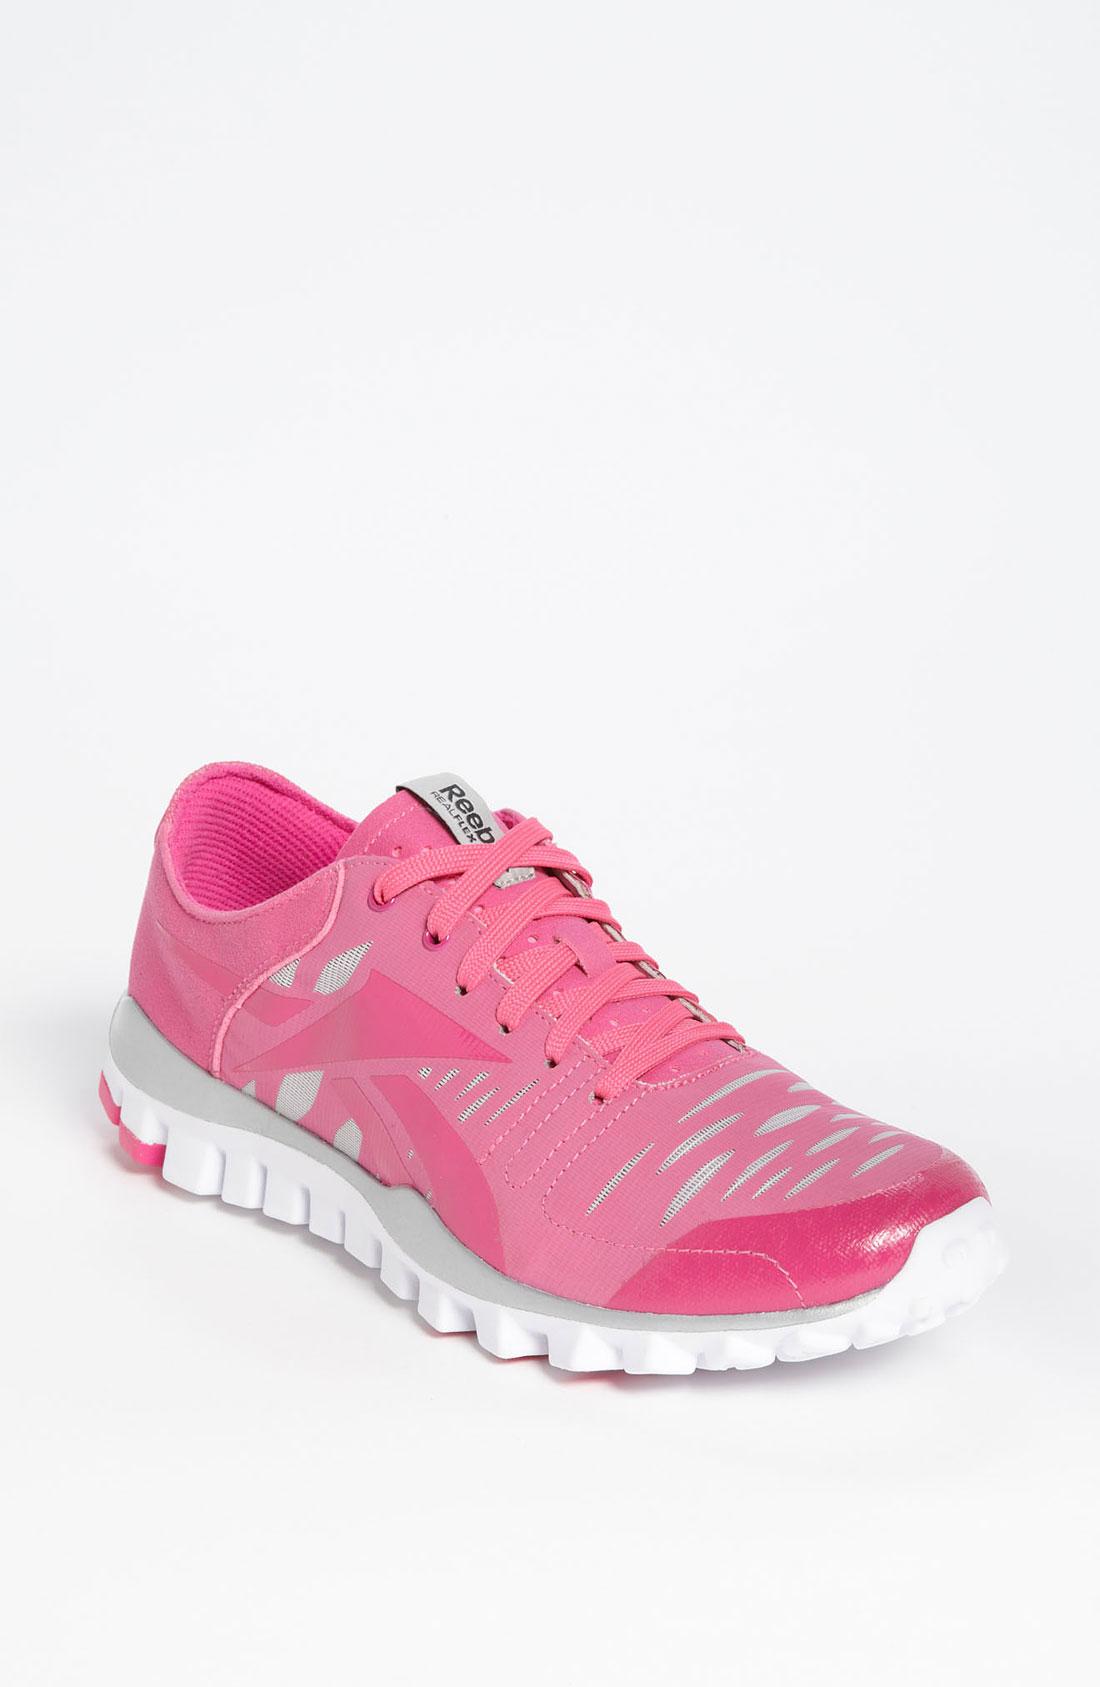 Reebok Realflex Fusion Training Shoe in Pink (pink ribbon ...